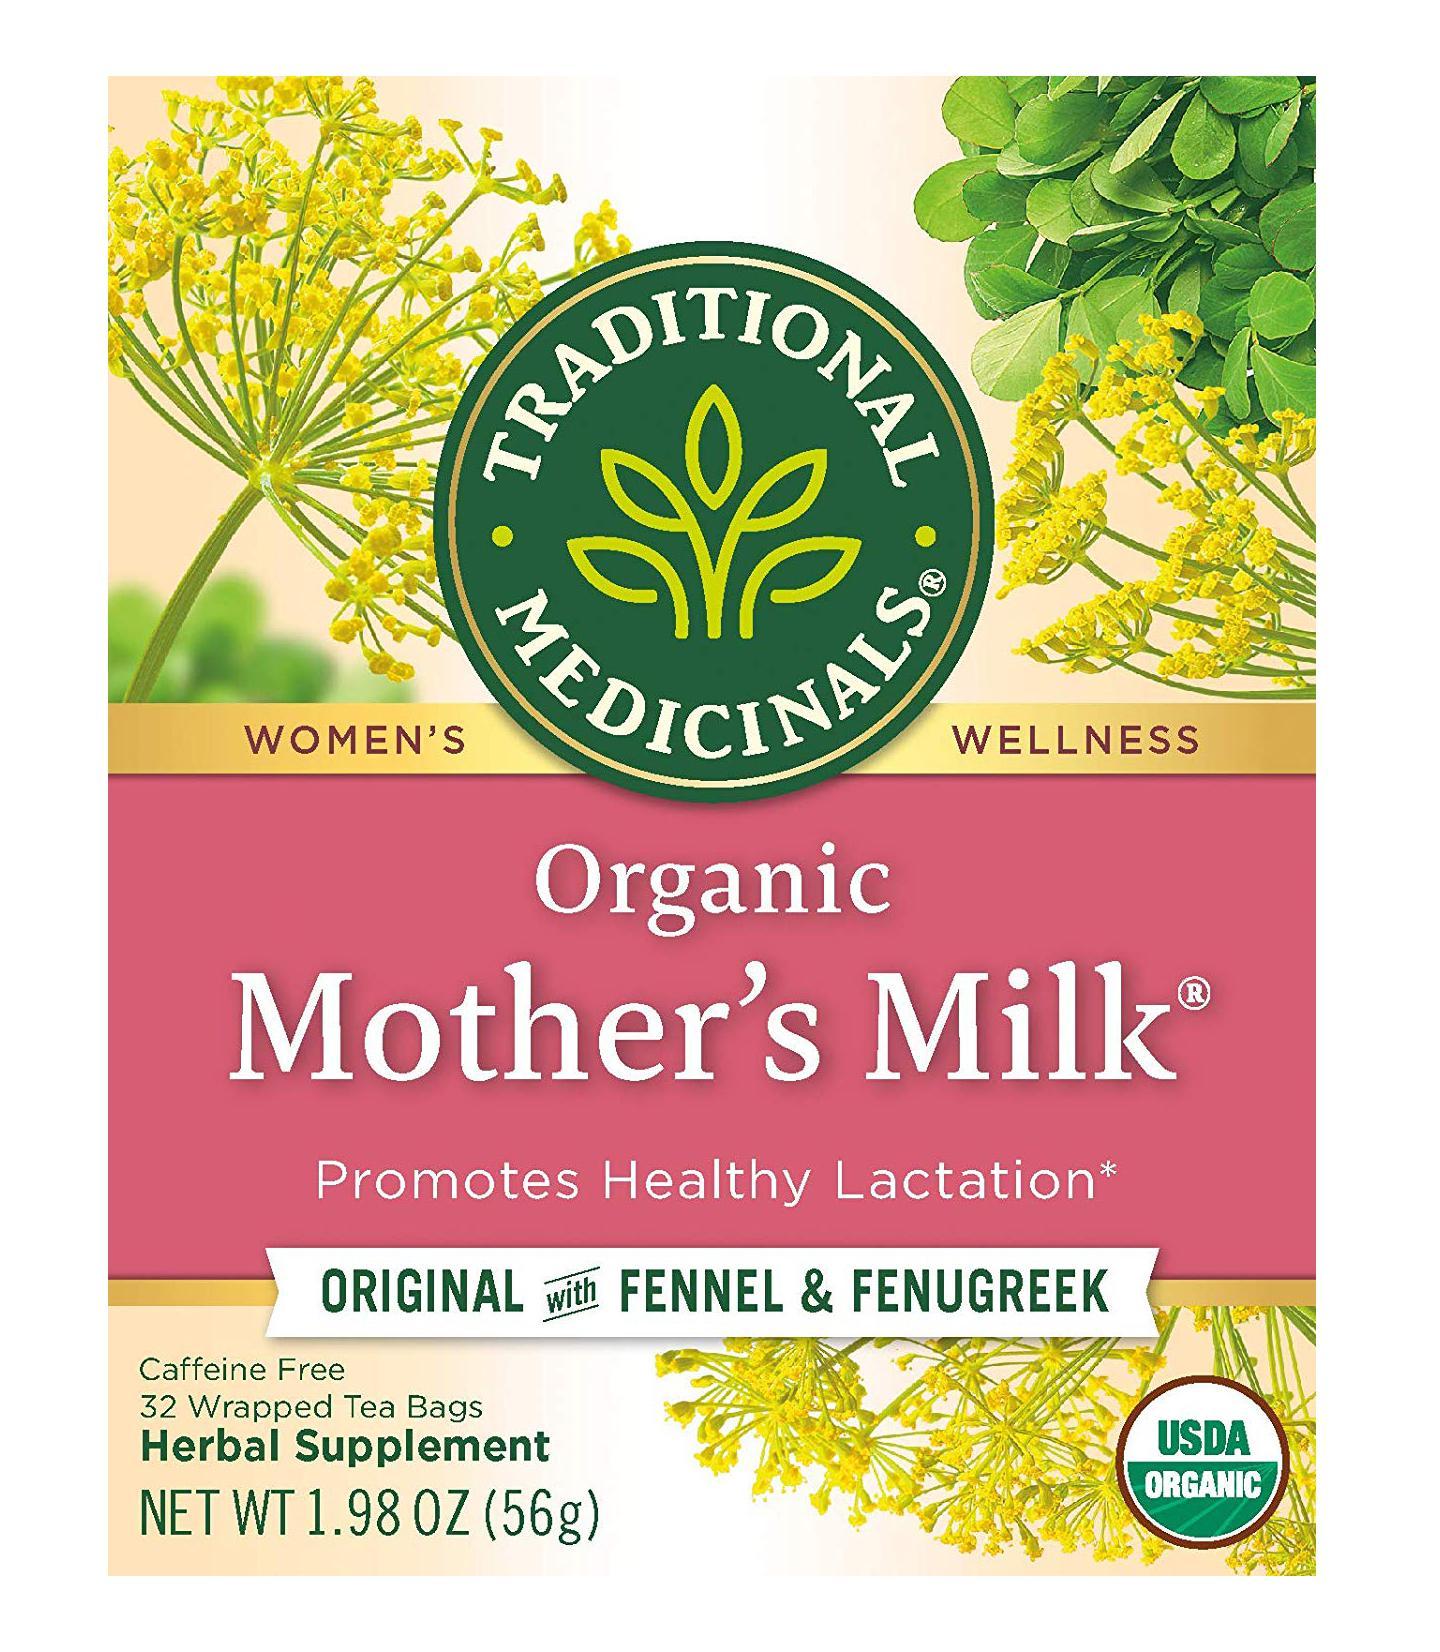 Dùng Trà Lợi Sữa Organic Sữa Có Về Nhiều Như Mong Đợi Không?